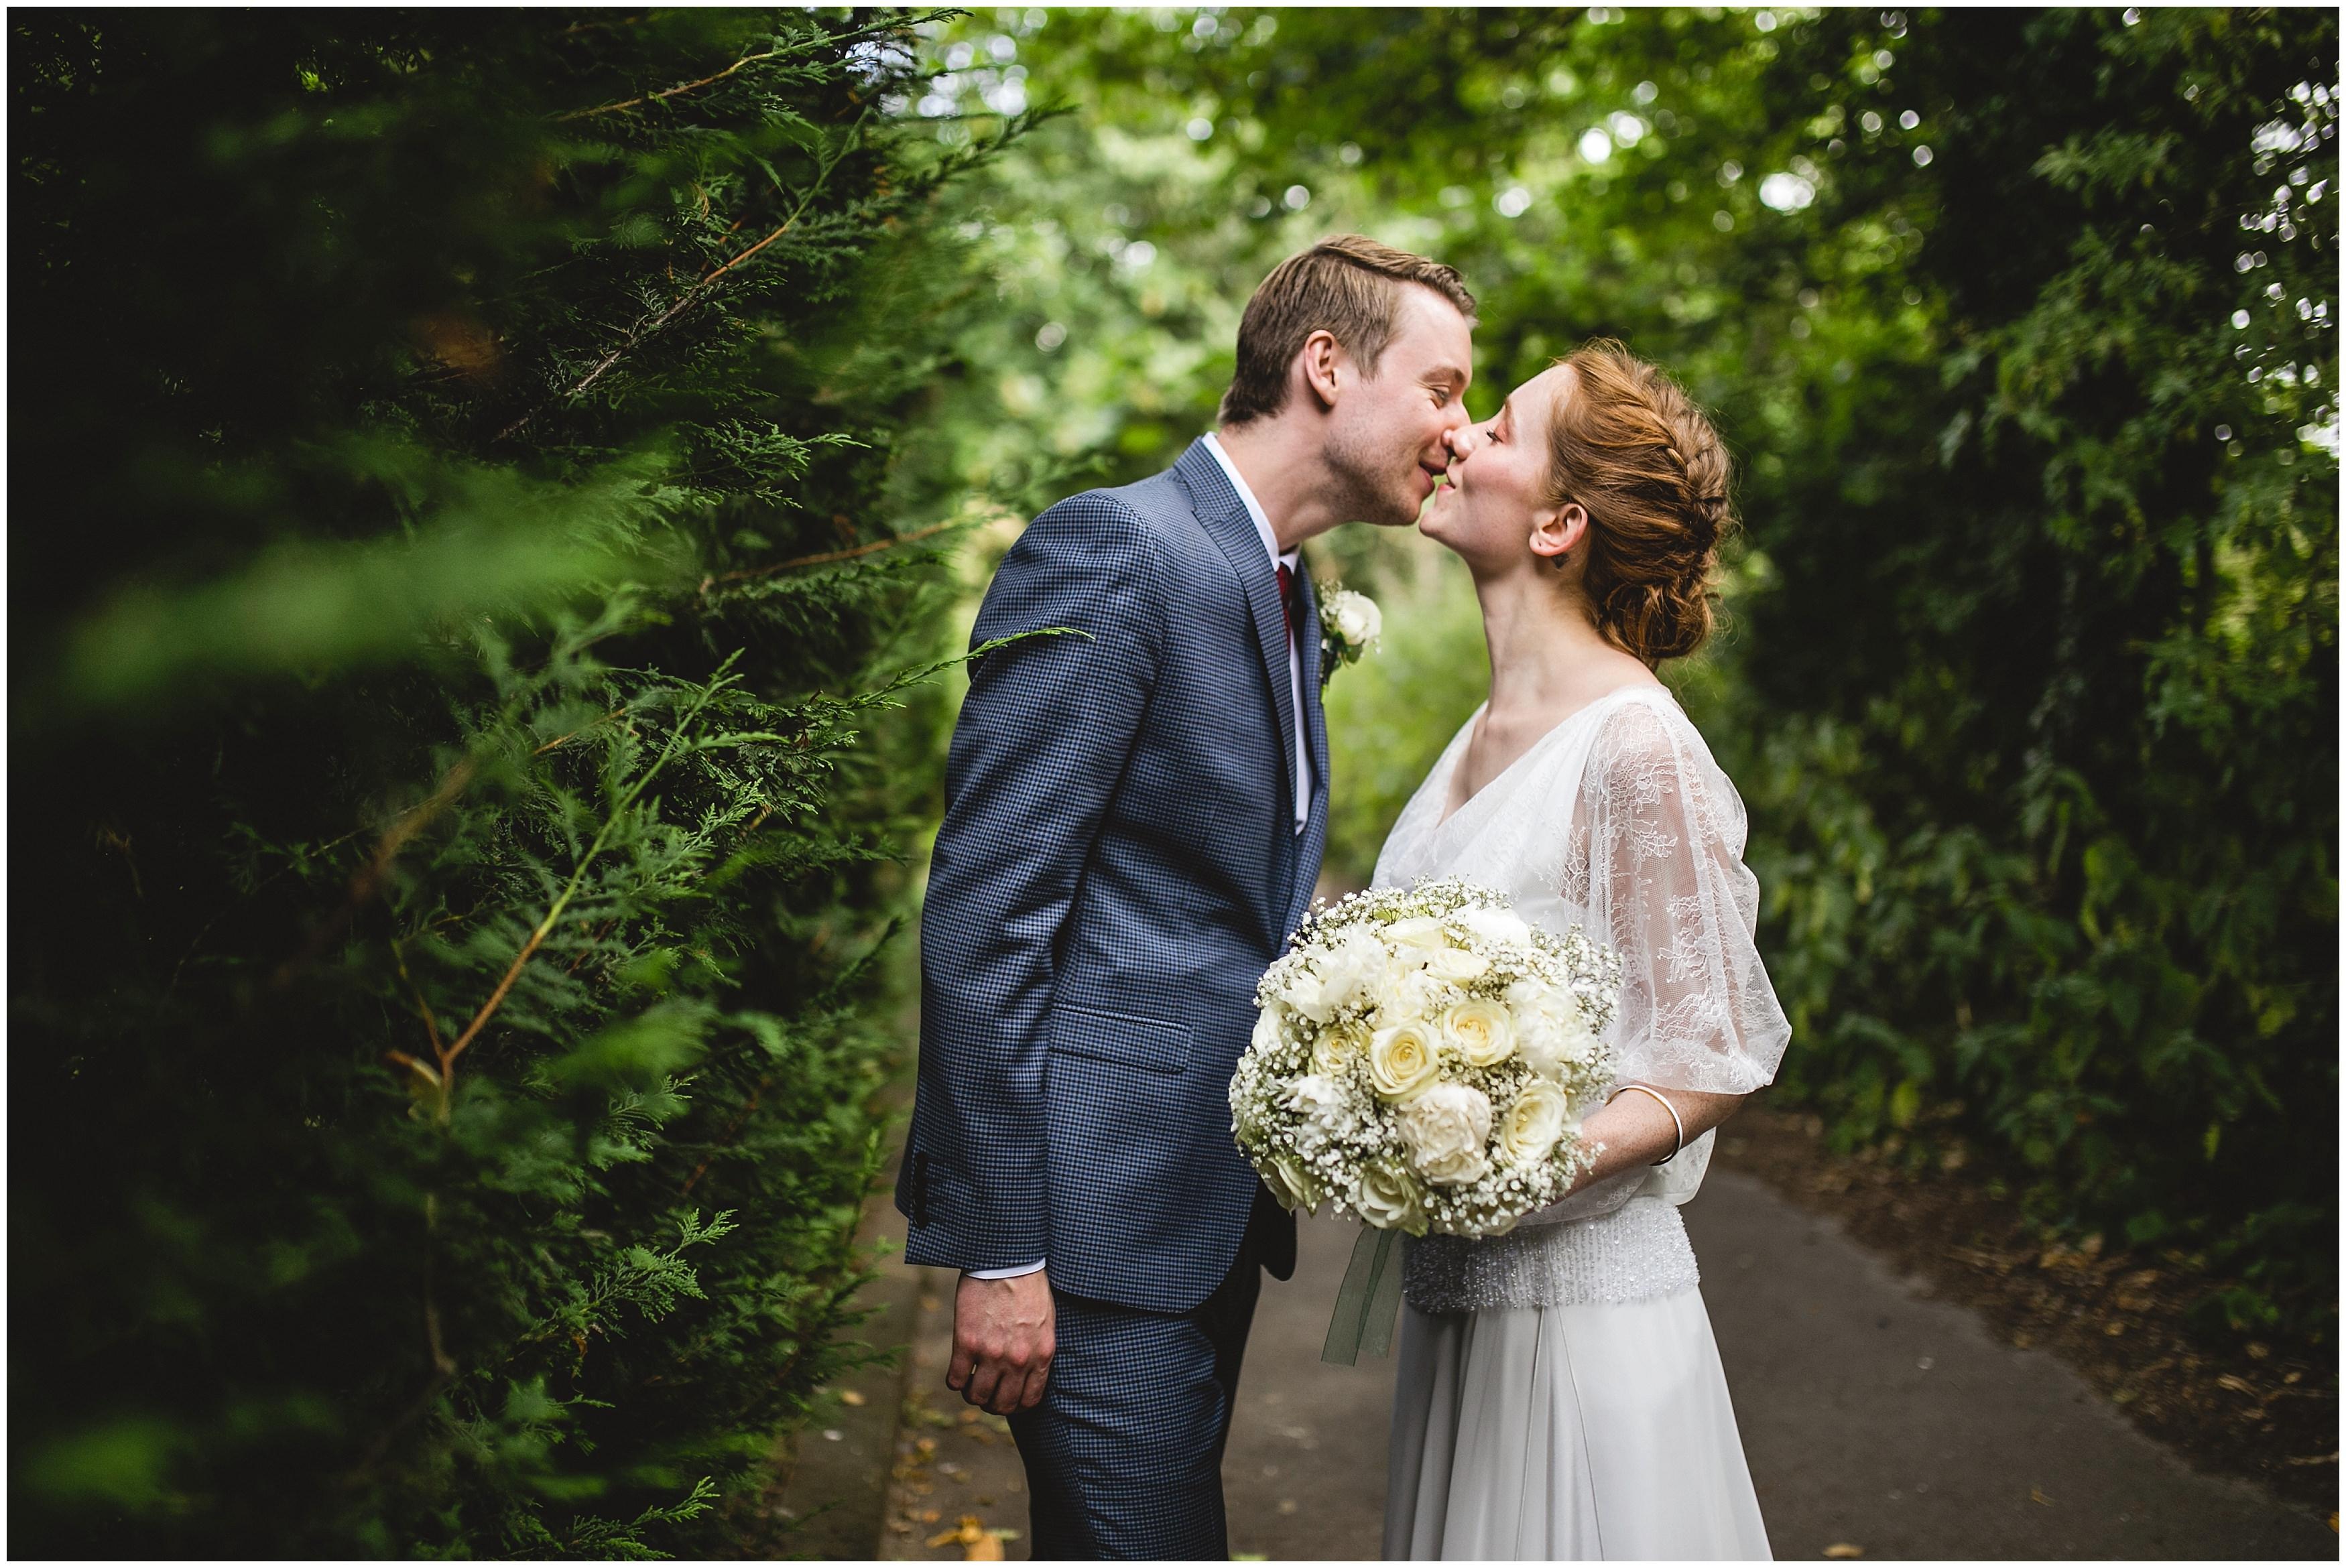 oaks farm barn wedding photographer south london